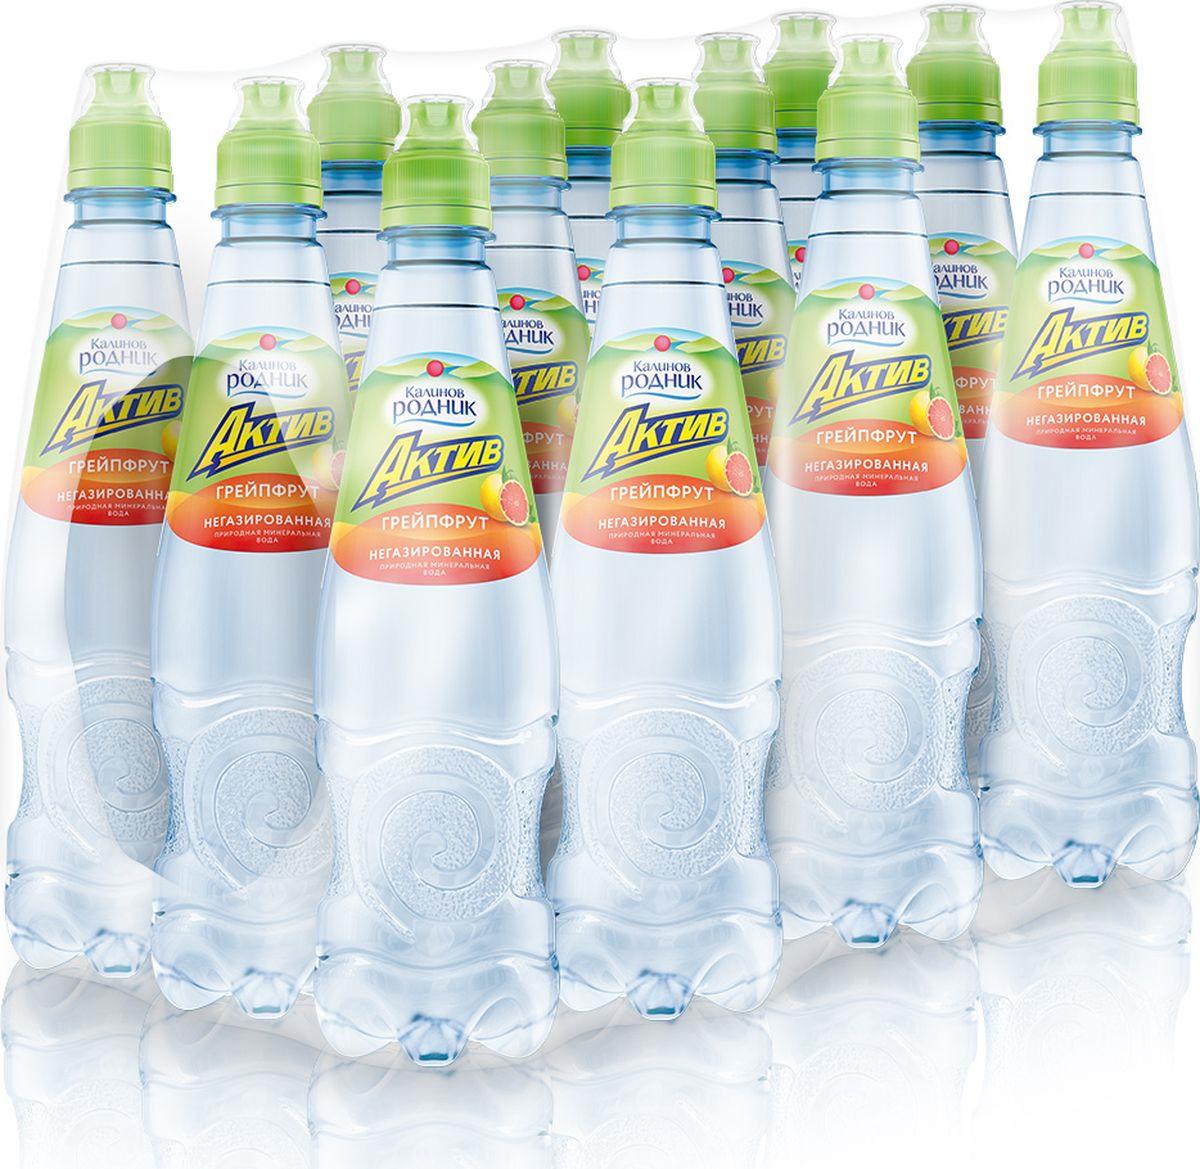 Вода Калинов Родник Актив со вкусом грейпфрута, 12 шт по 500 мл вода калинов родник актив со вкусом малины 12 шт по 500 мл